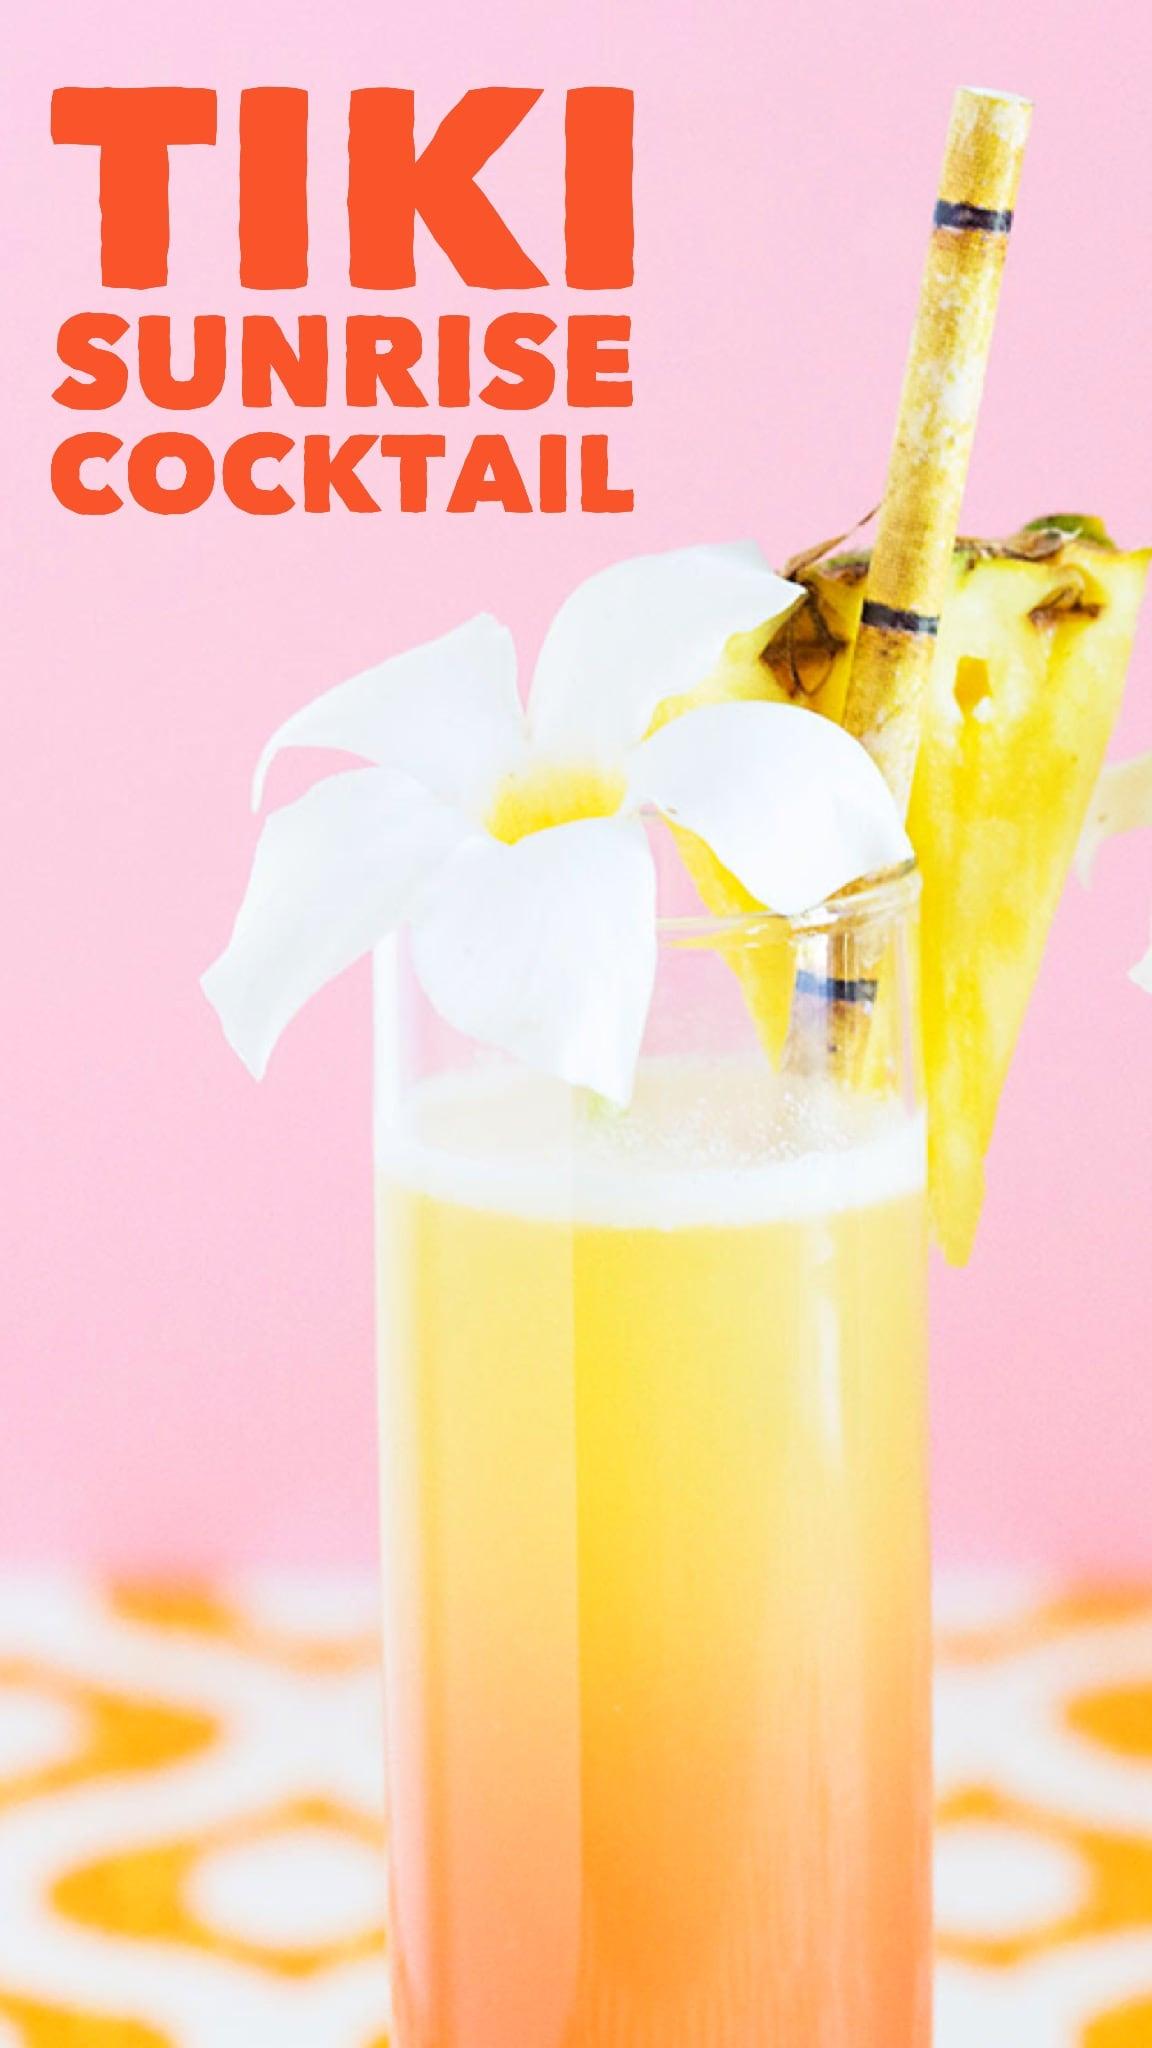 Tastes just like the cocktails I had in Hawaii! Tiki Sunrise Cocktail